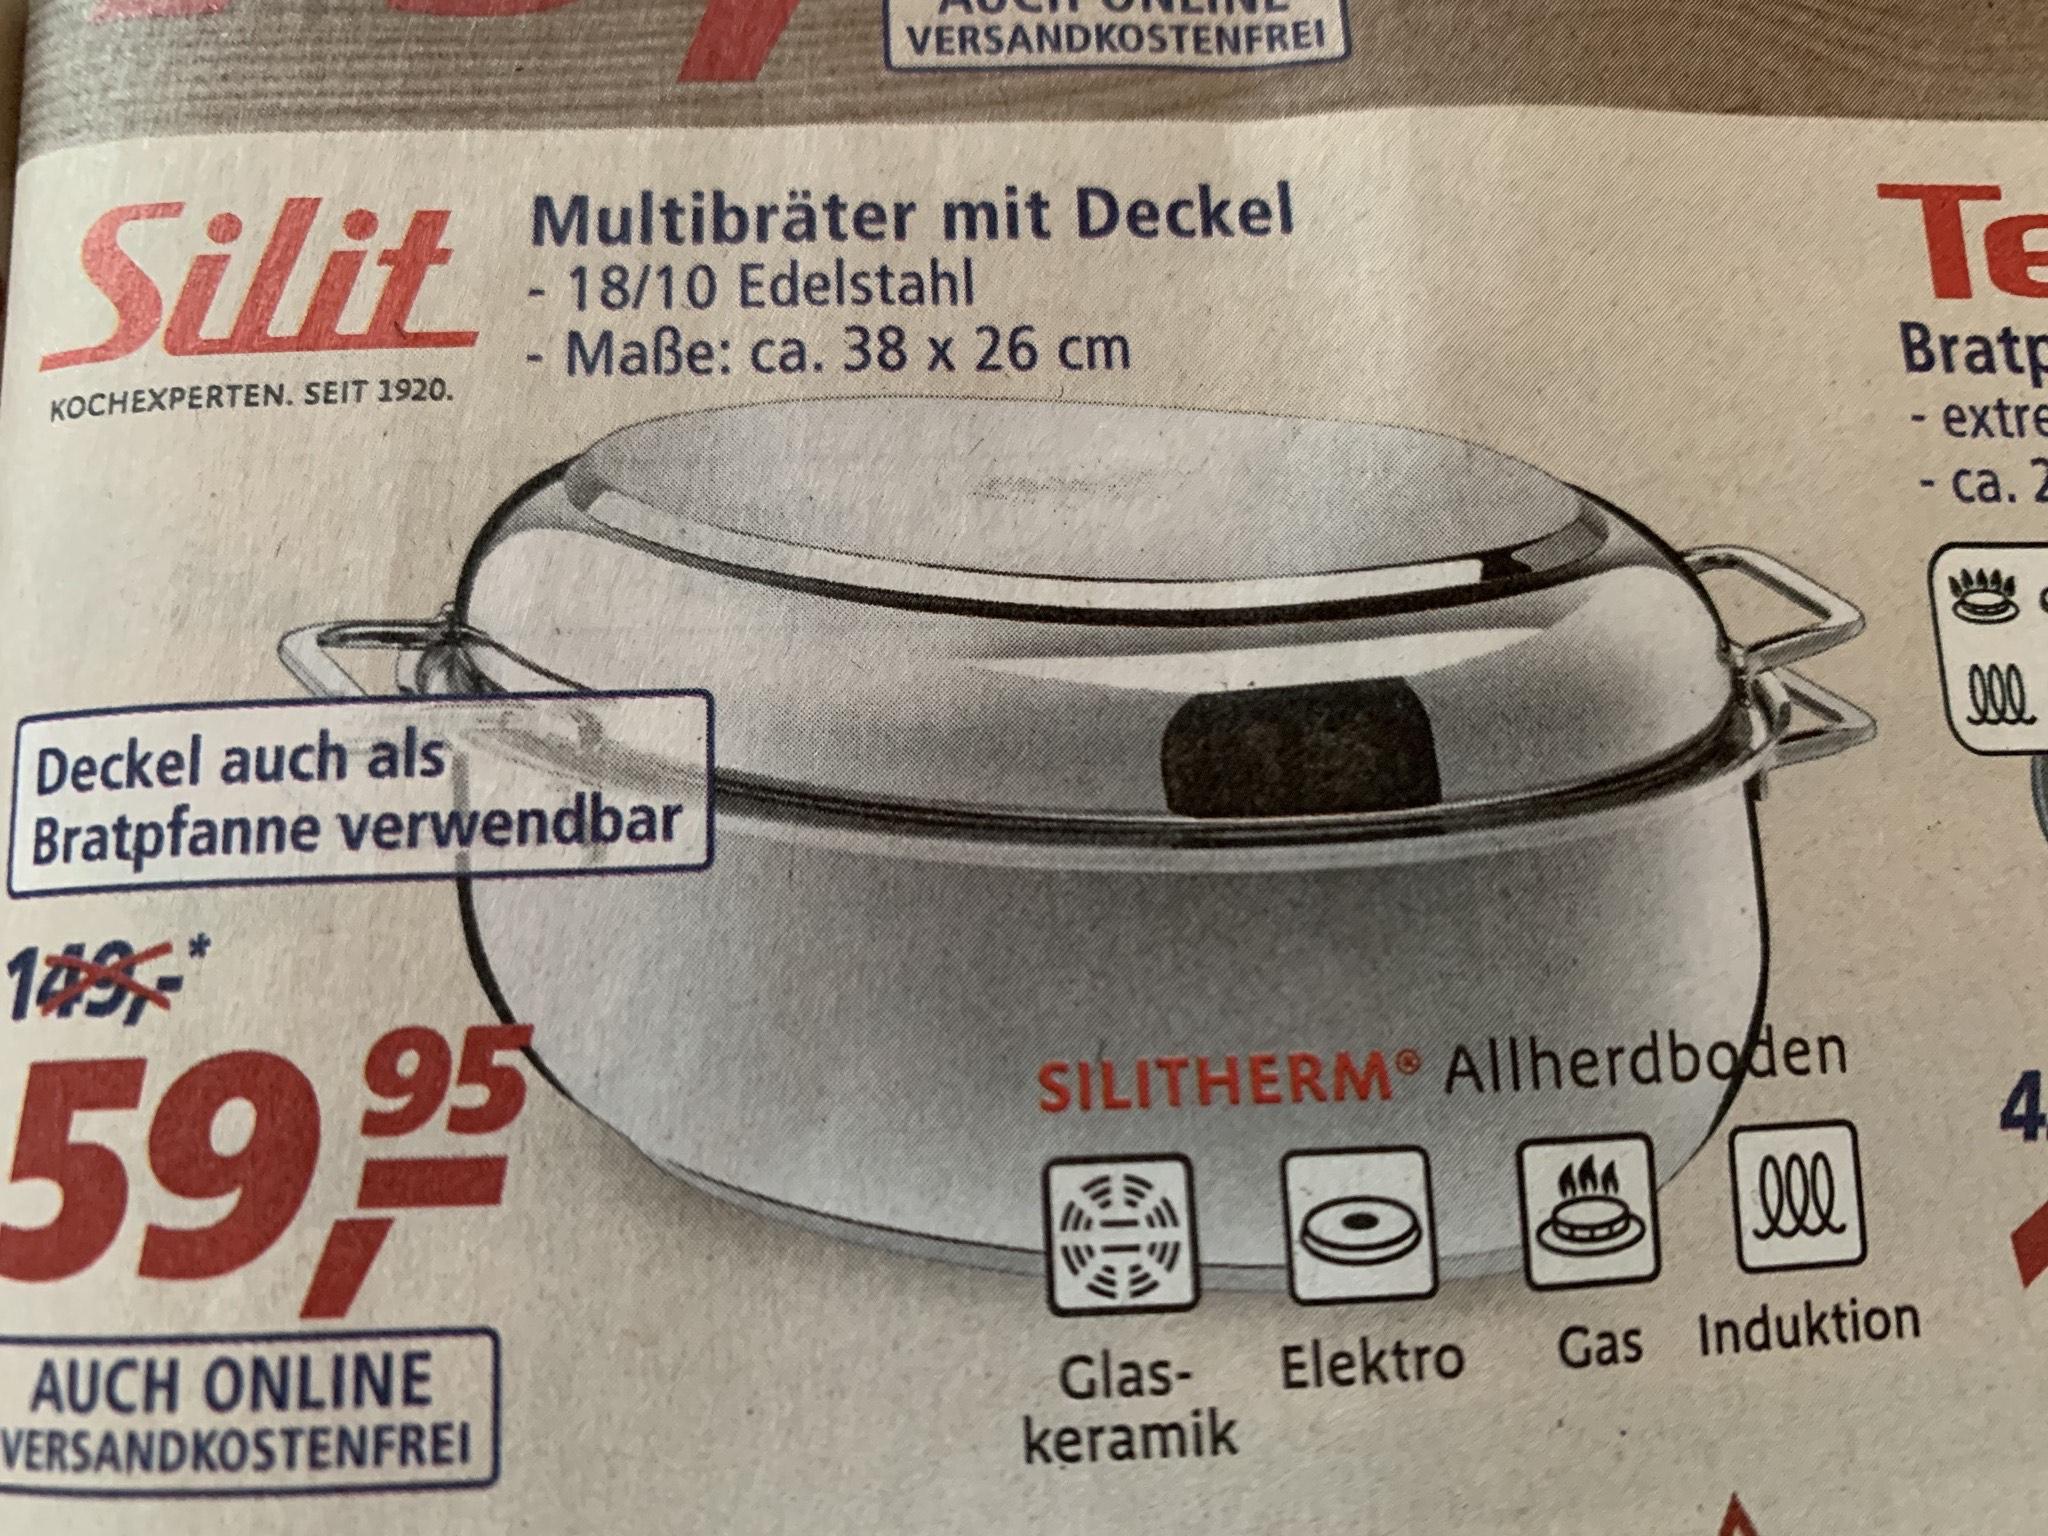 Silit Multibräter mit Deckel (family und friends mgl.)